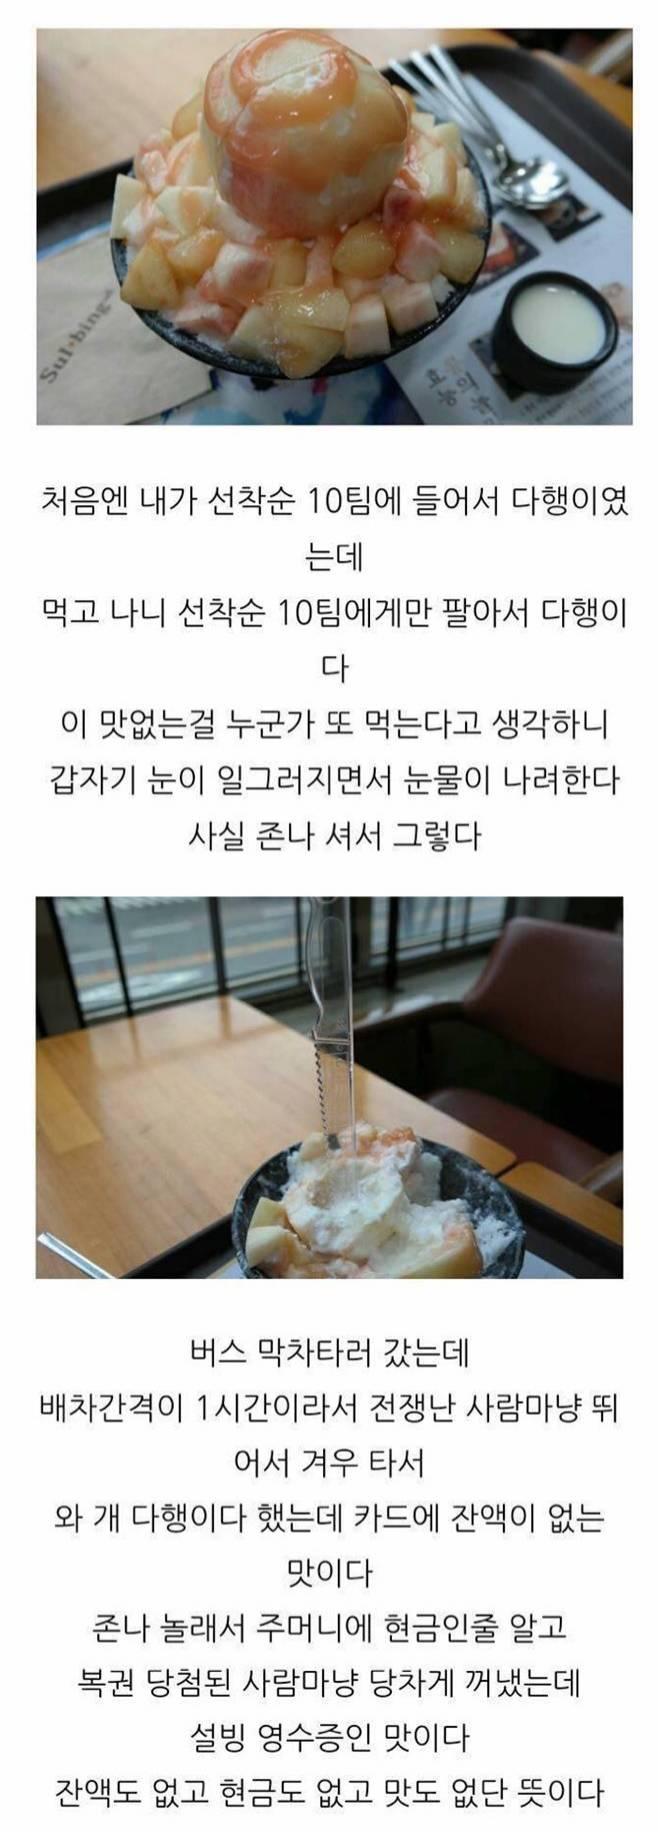 어느 블로거의 복숭아 설빙 후기.jpg | 인스티즈